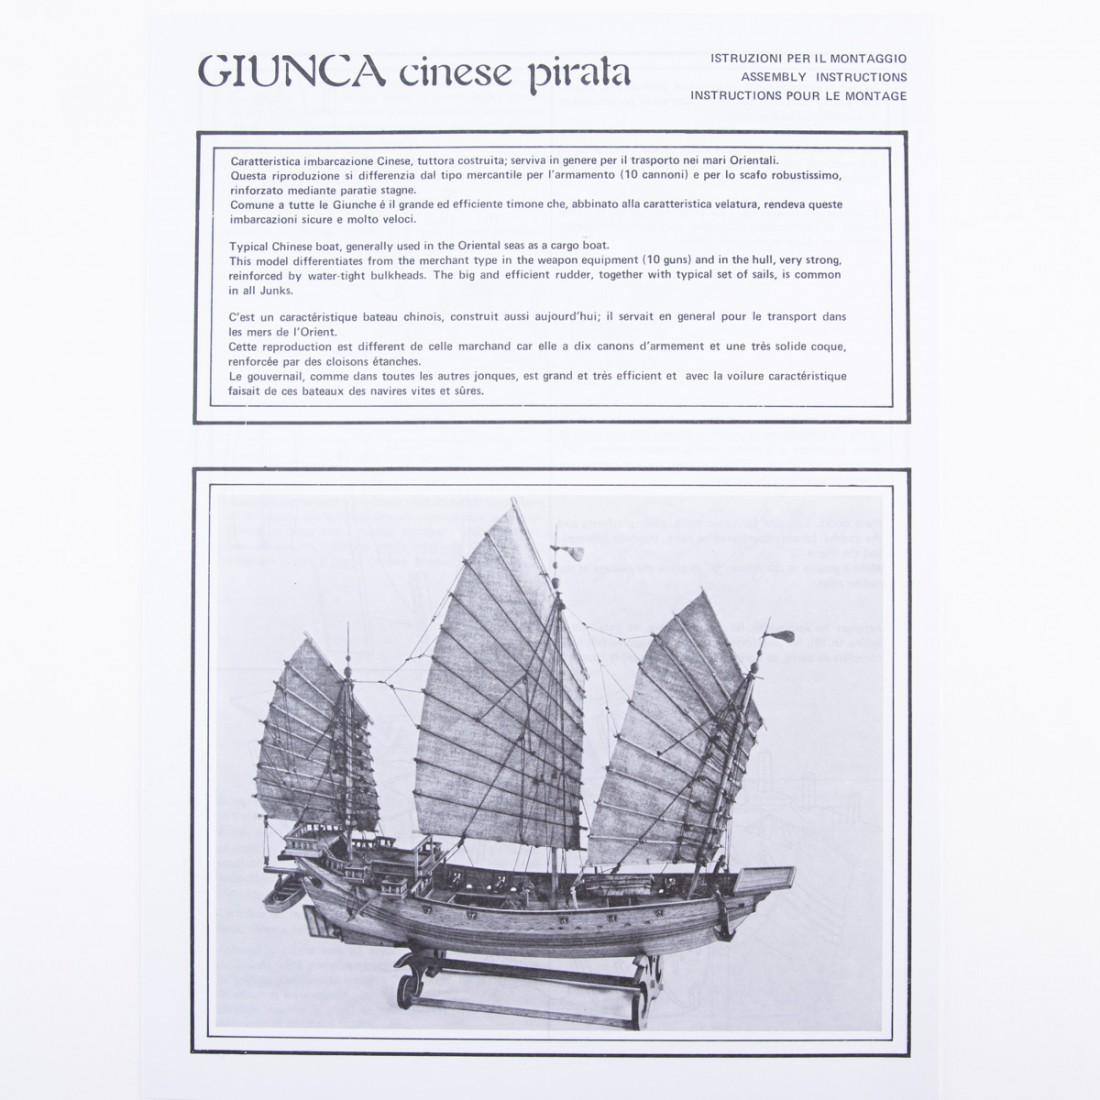 Plan de basura pirata chino